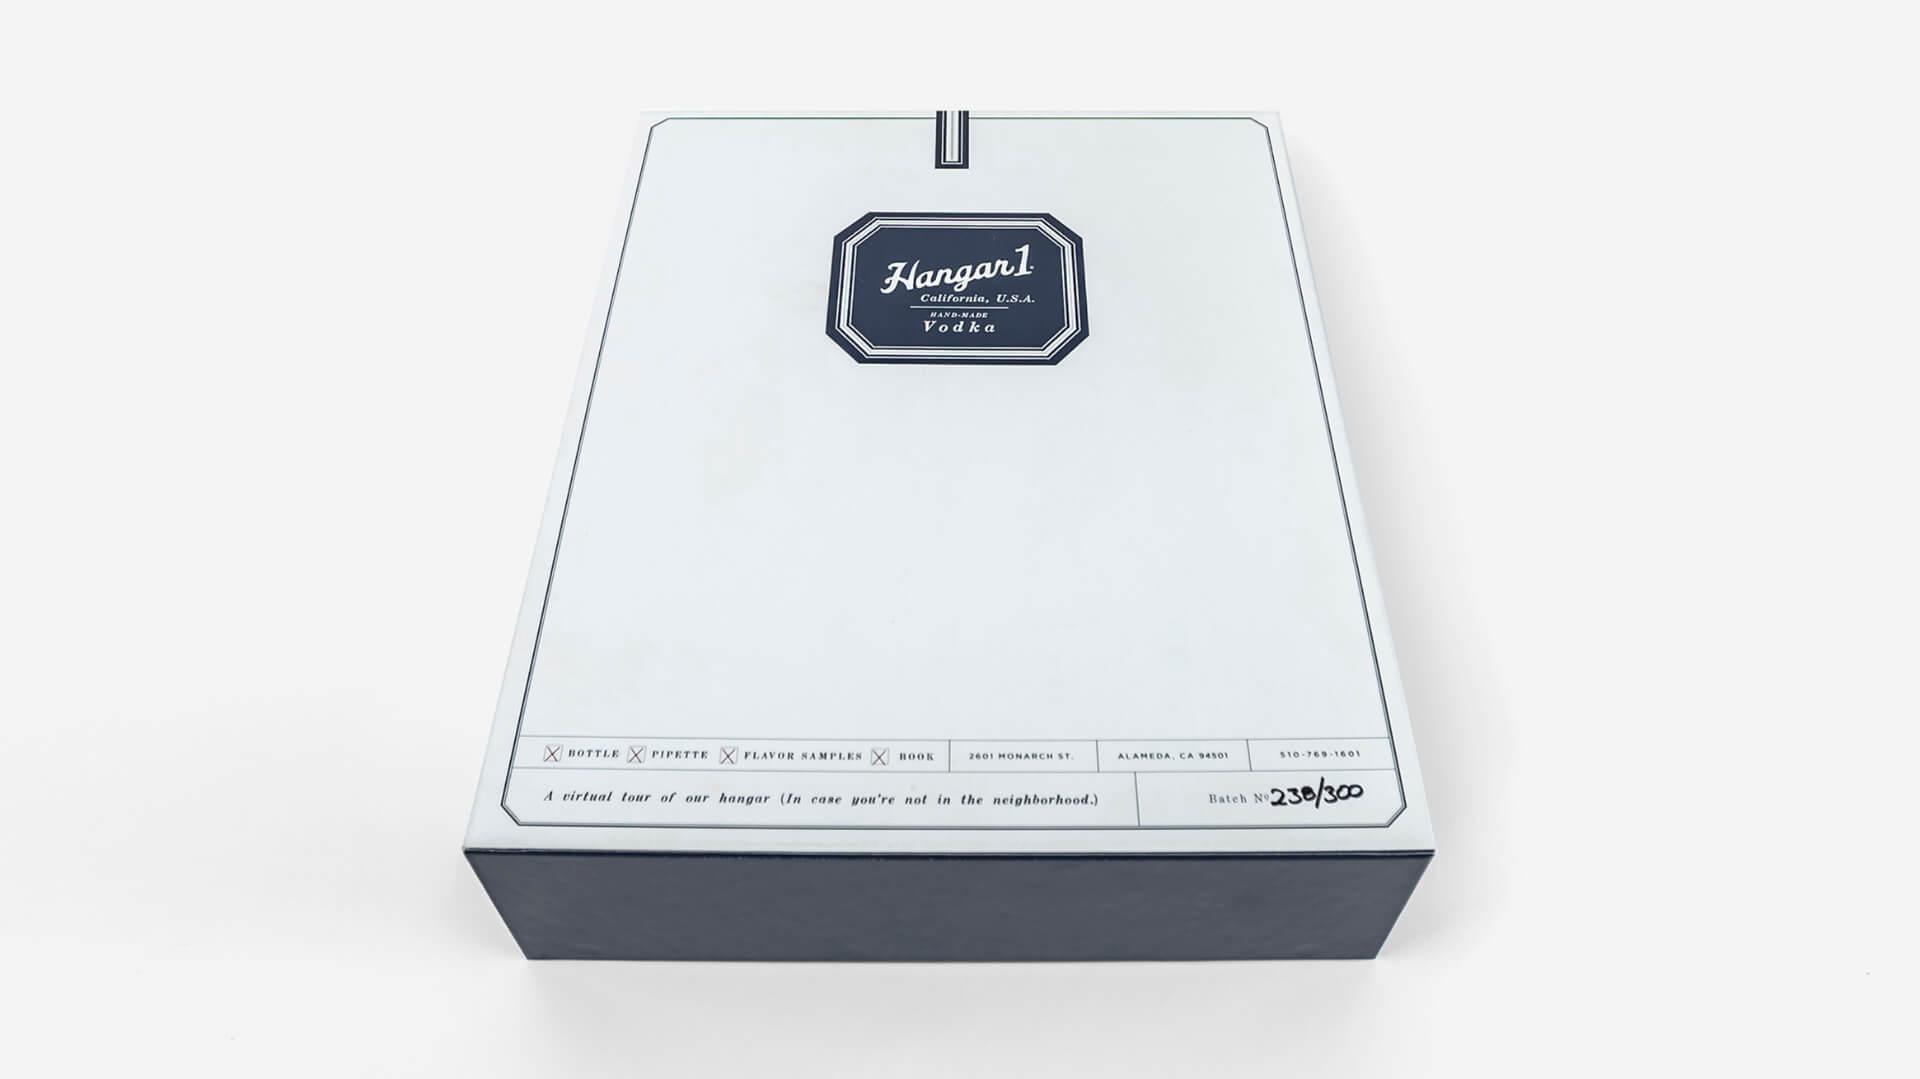 Hangar 1 - Kit